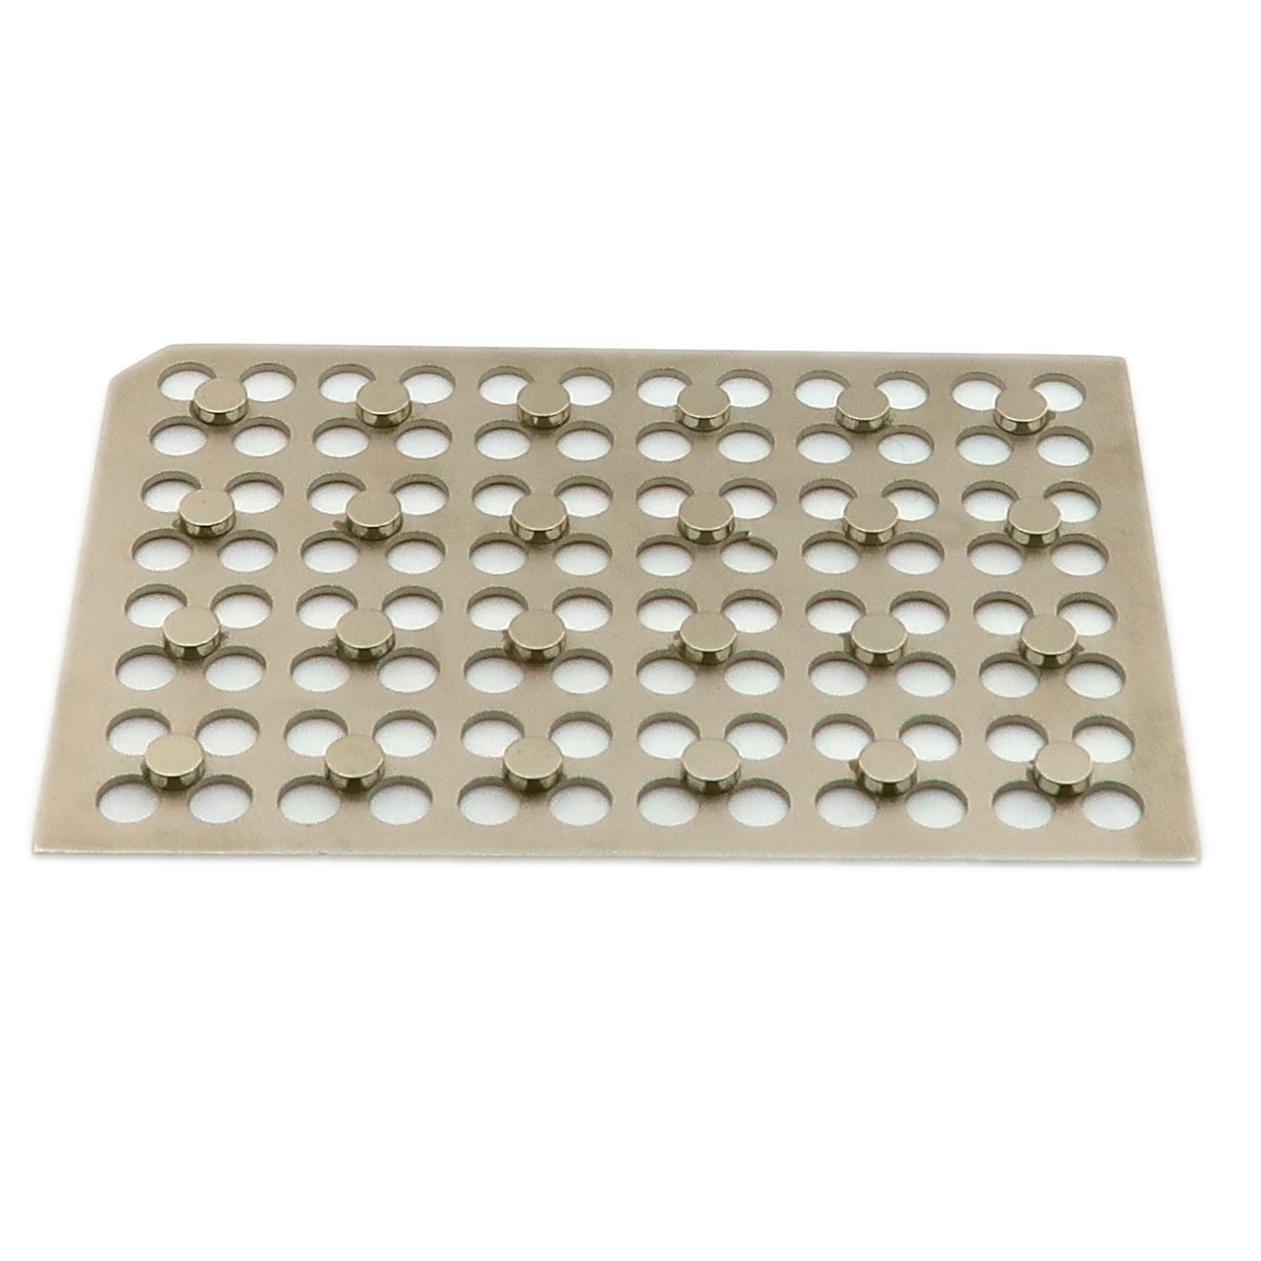 96孔磁力板/磁架/磁分离器(八排管和96PCR板)